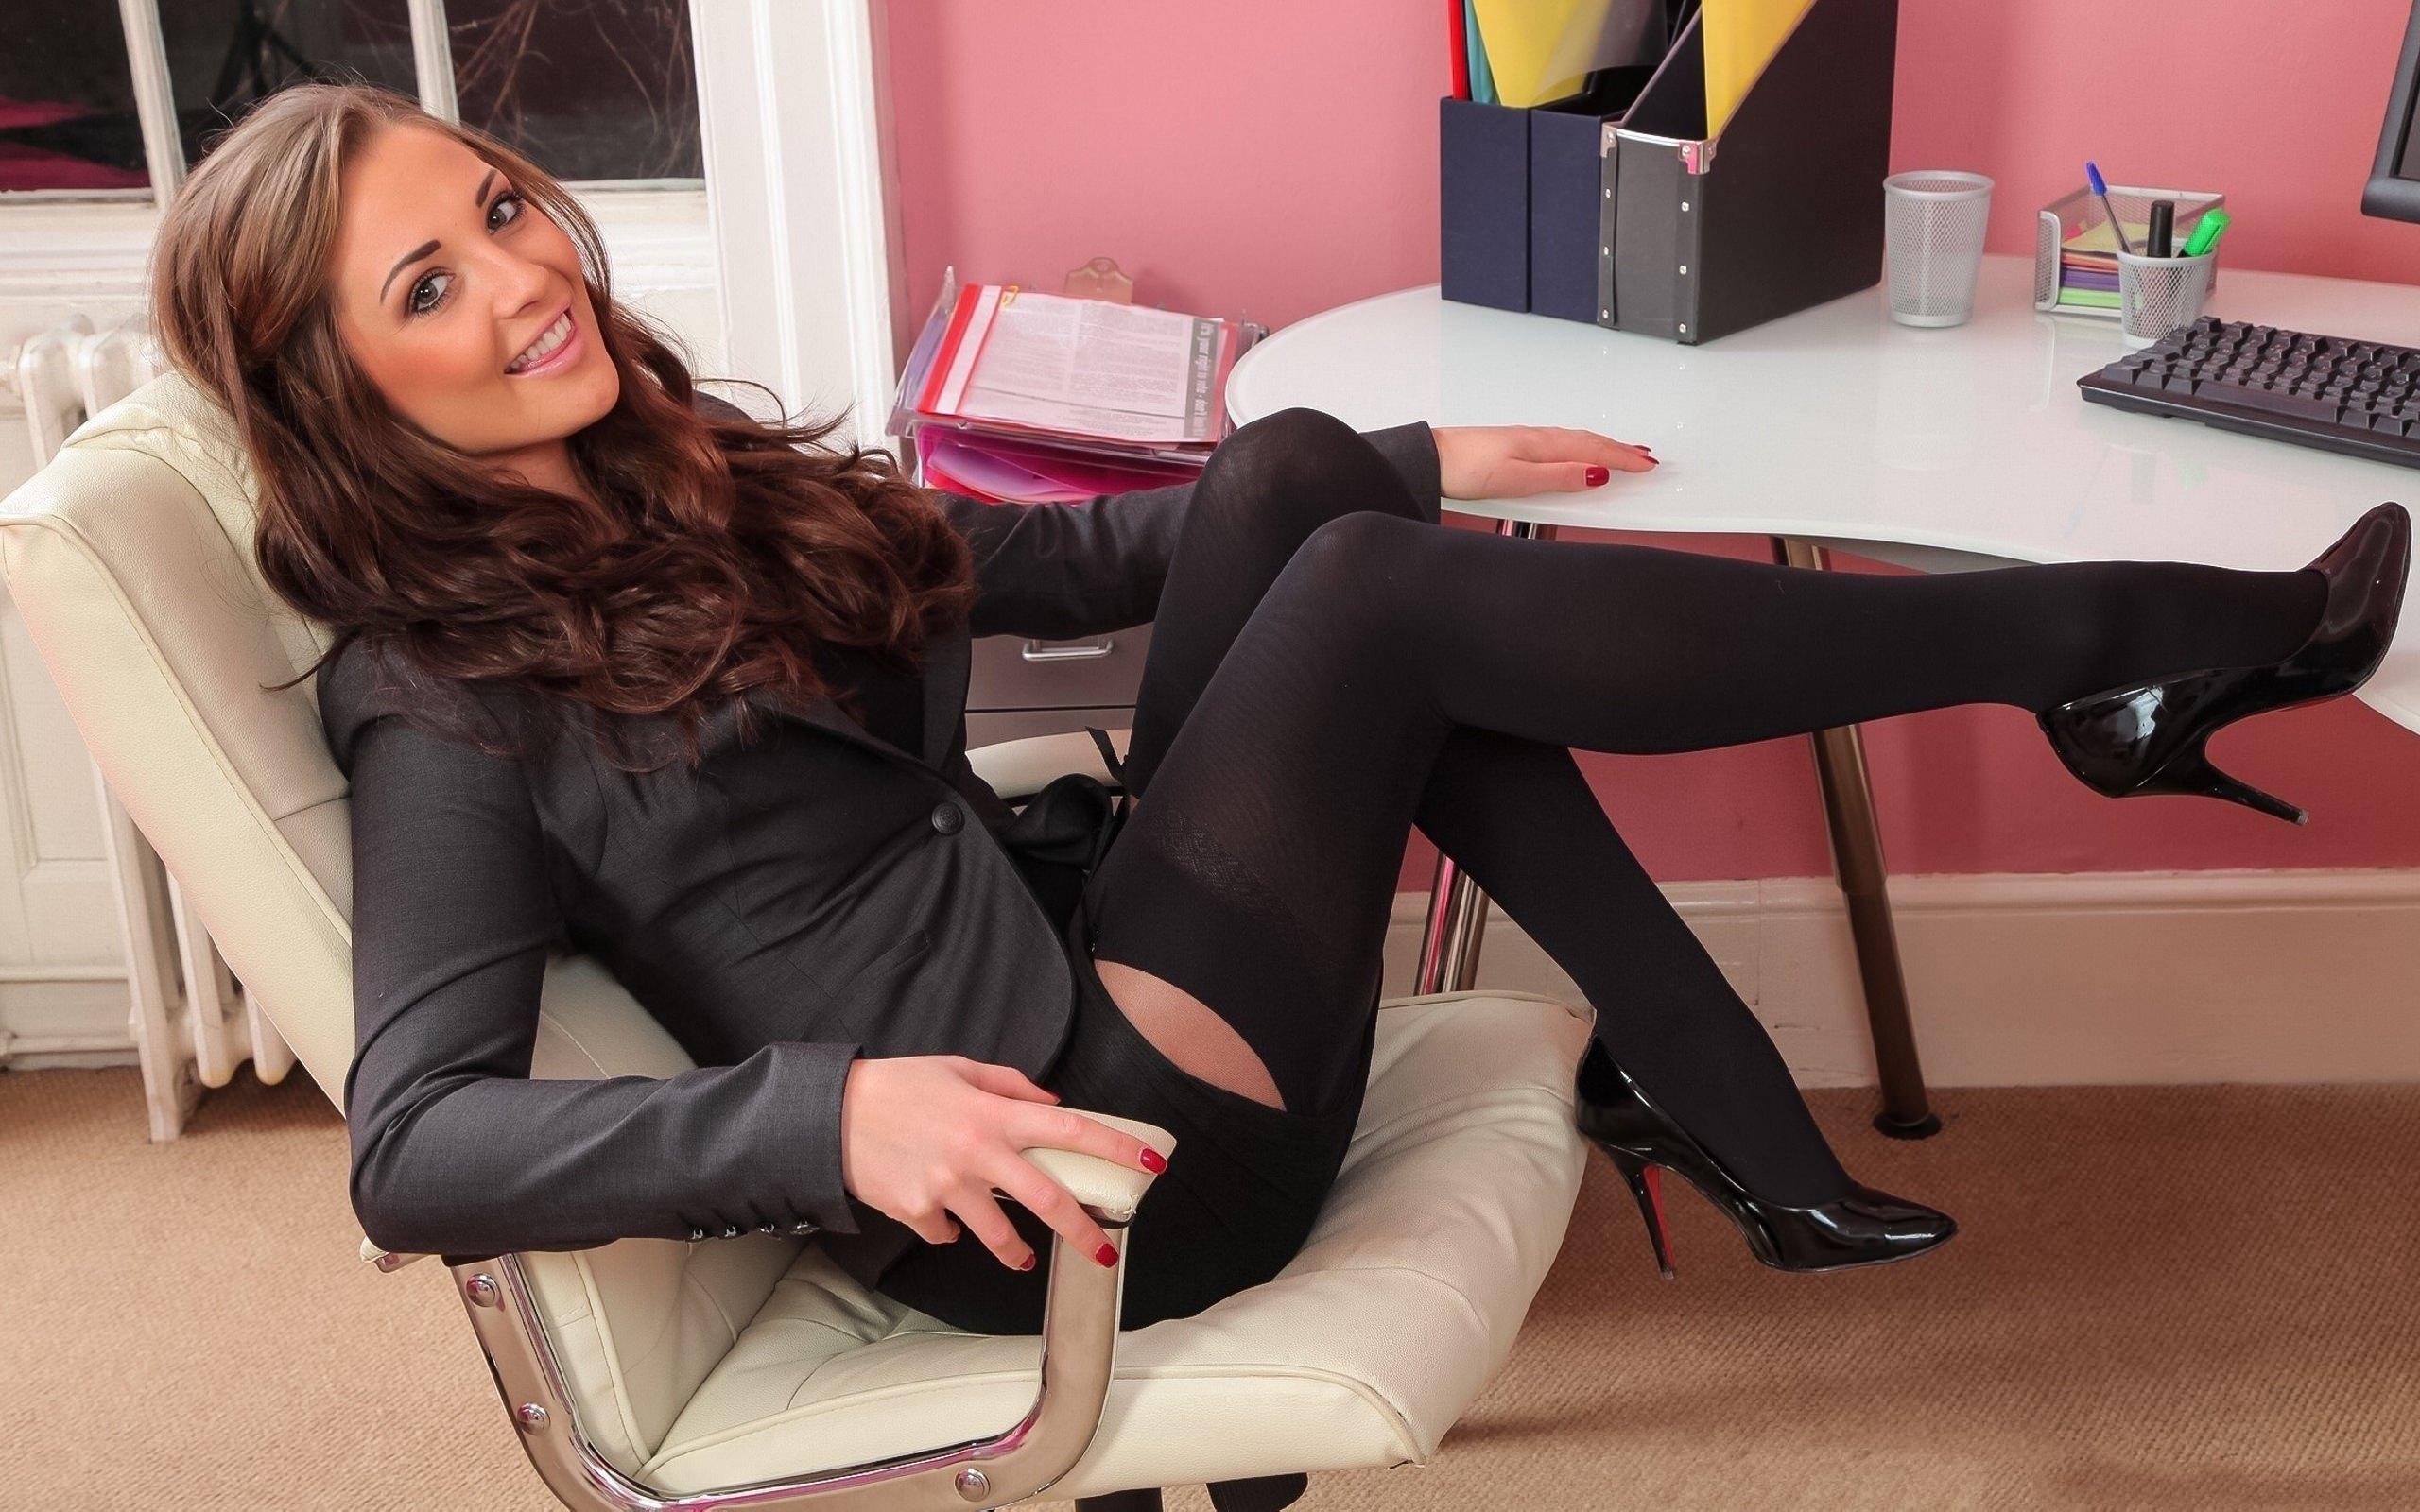 сексуальная секретарша в чулках на столе